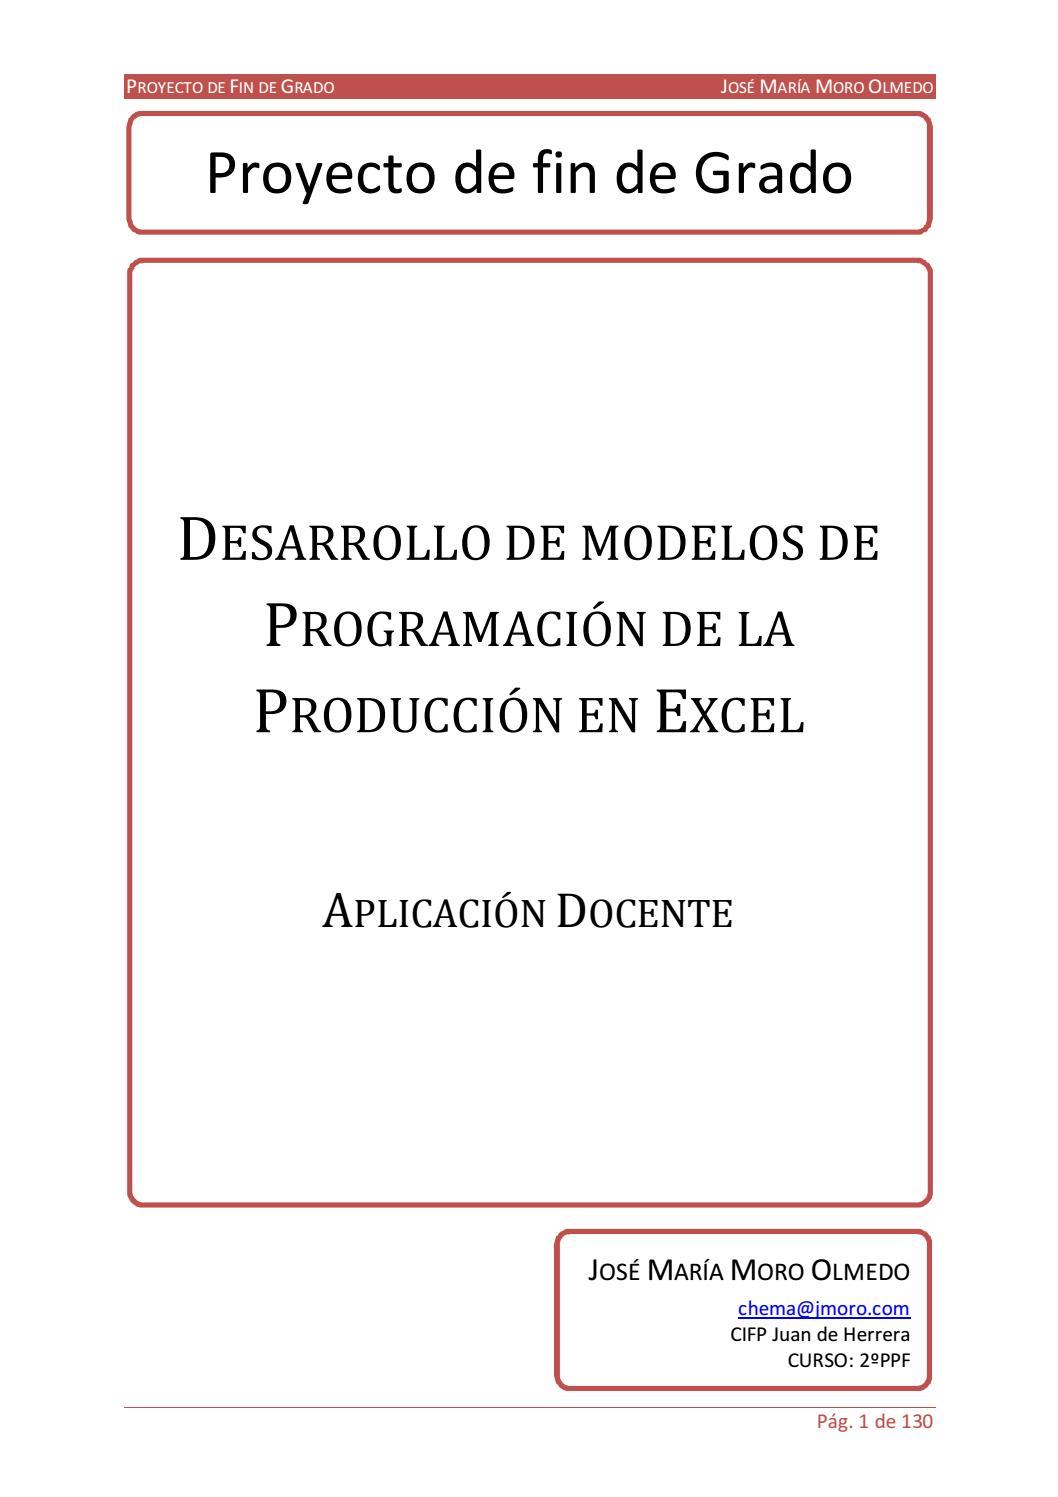 Desarrollo de modelos de programación de la producción en excel ...